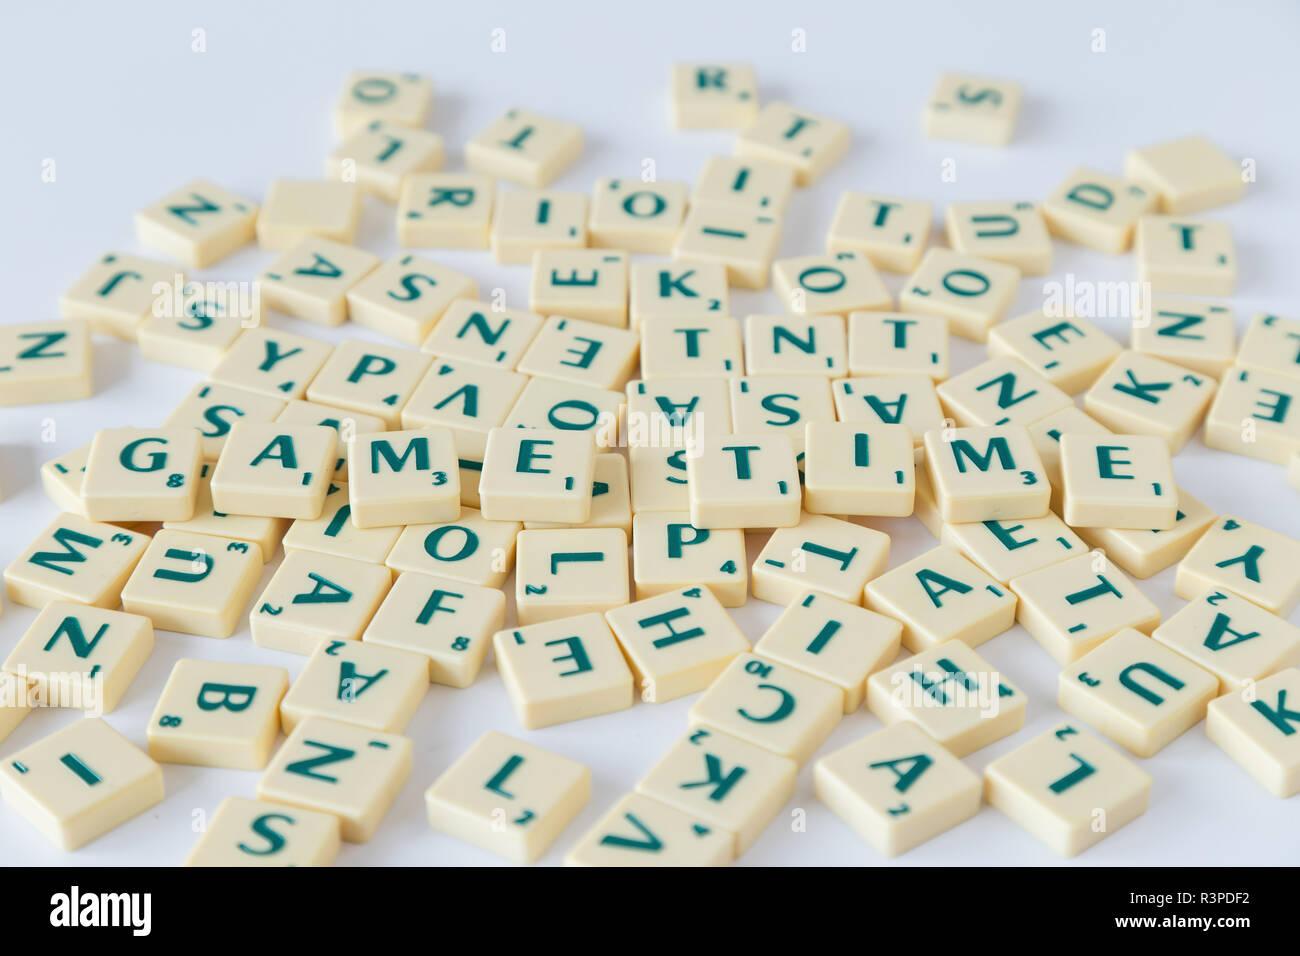 Plástico Vintage Scrabble Letras Cuadrado Back-selecciona tu carta para juego//Craft